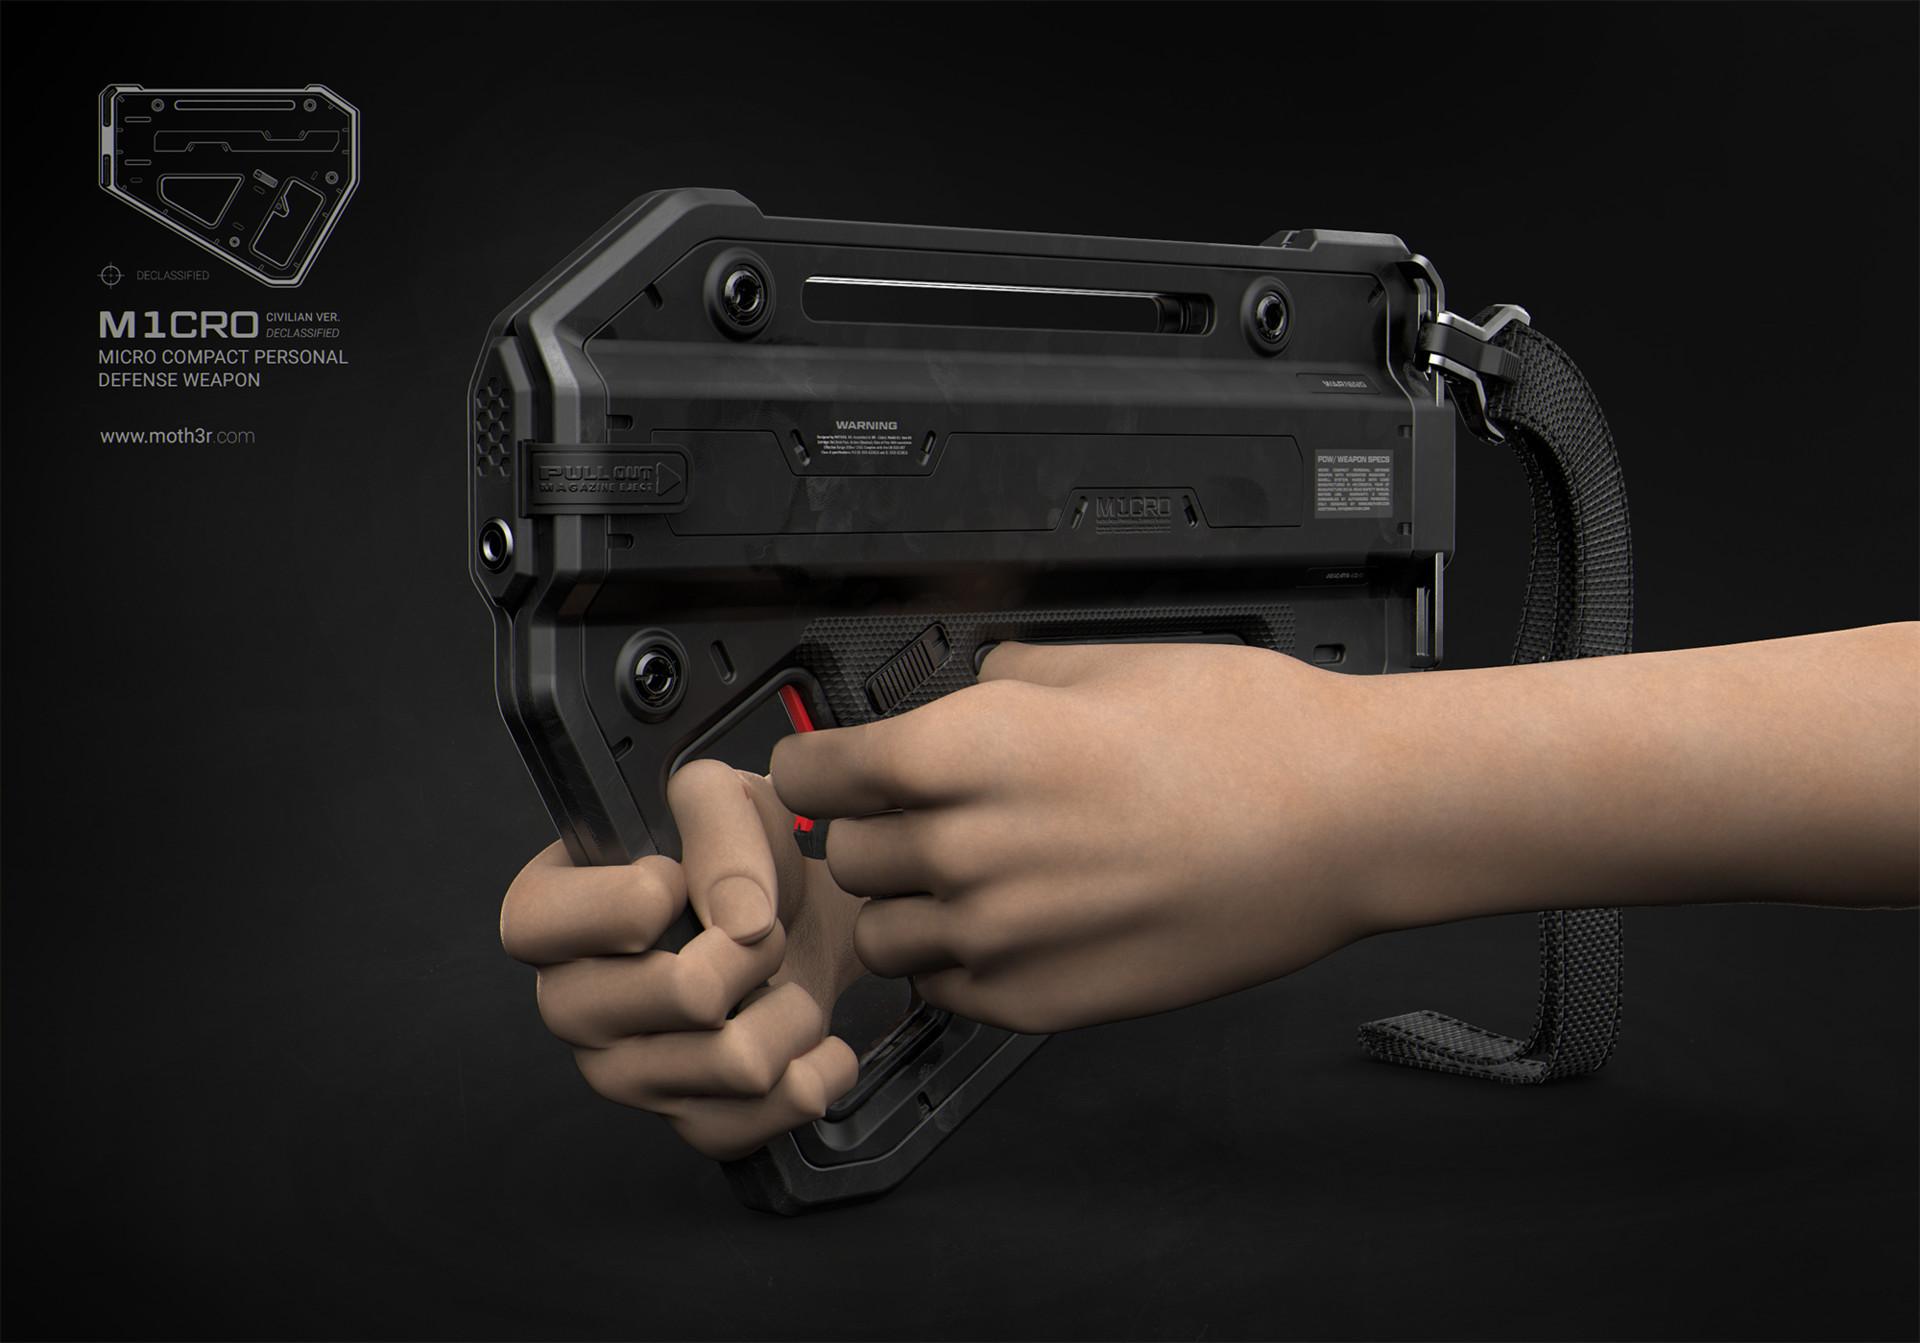 Ivan santic render single front perspective hands